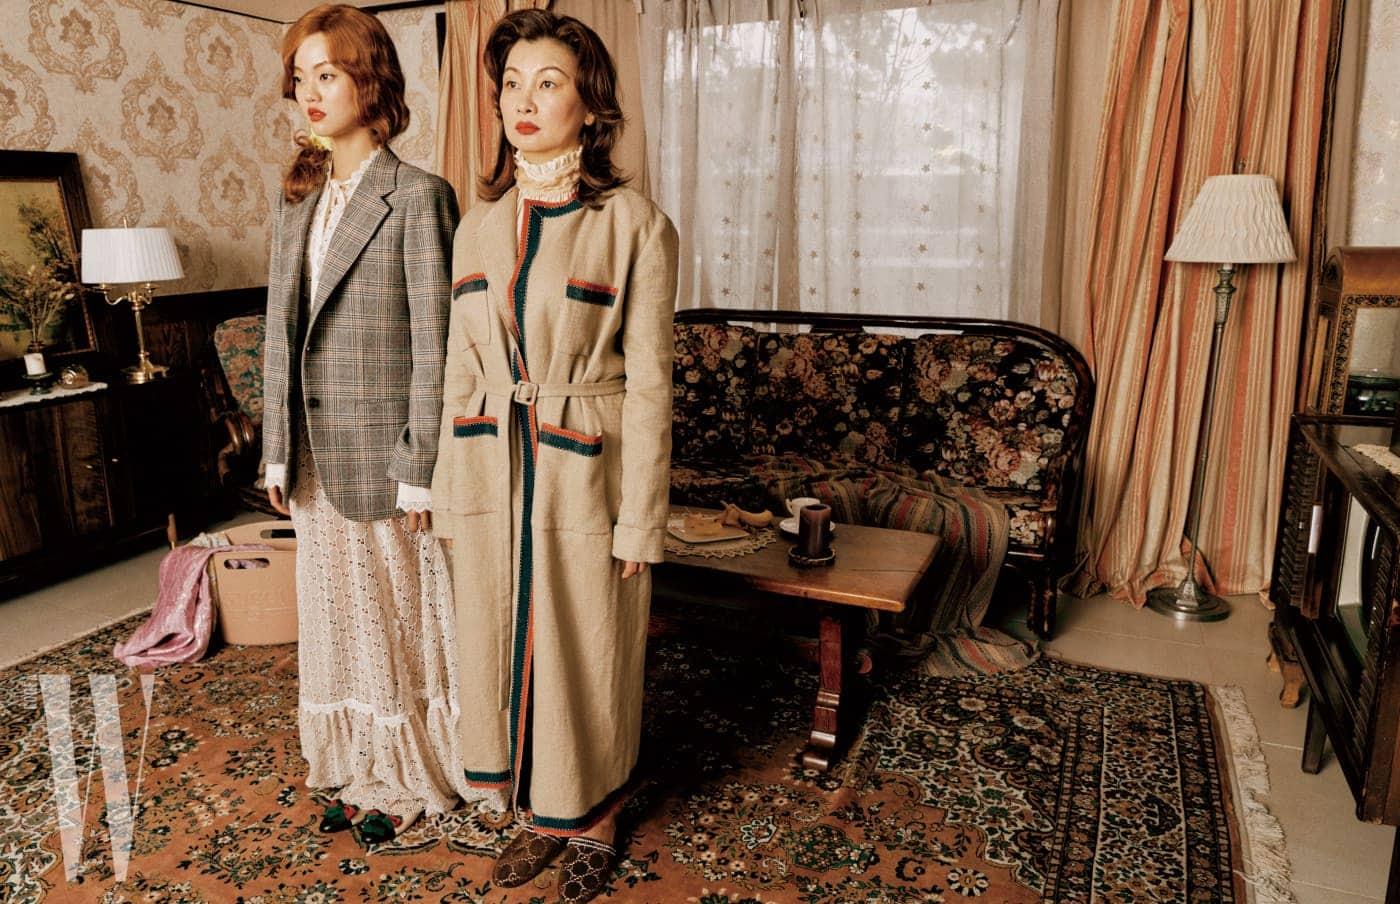 모녀가 착용한 룩과 액세서리, 세탁 바구니를 닮은 러버 소재 백은 모두 Gucci 제품.